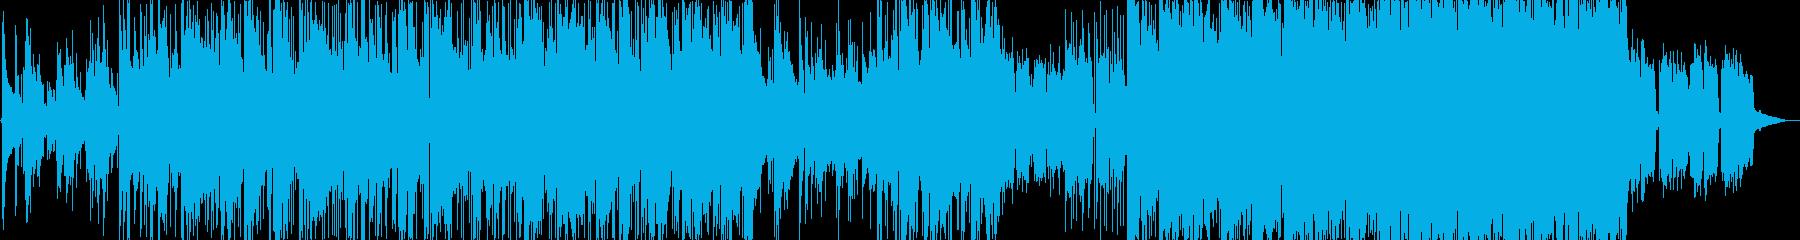 穏やかで優しいエレクトロニカ曲の再生済みの波形